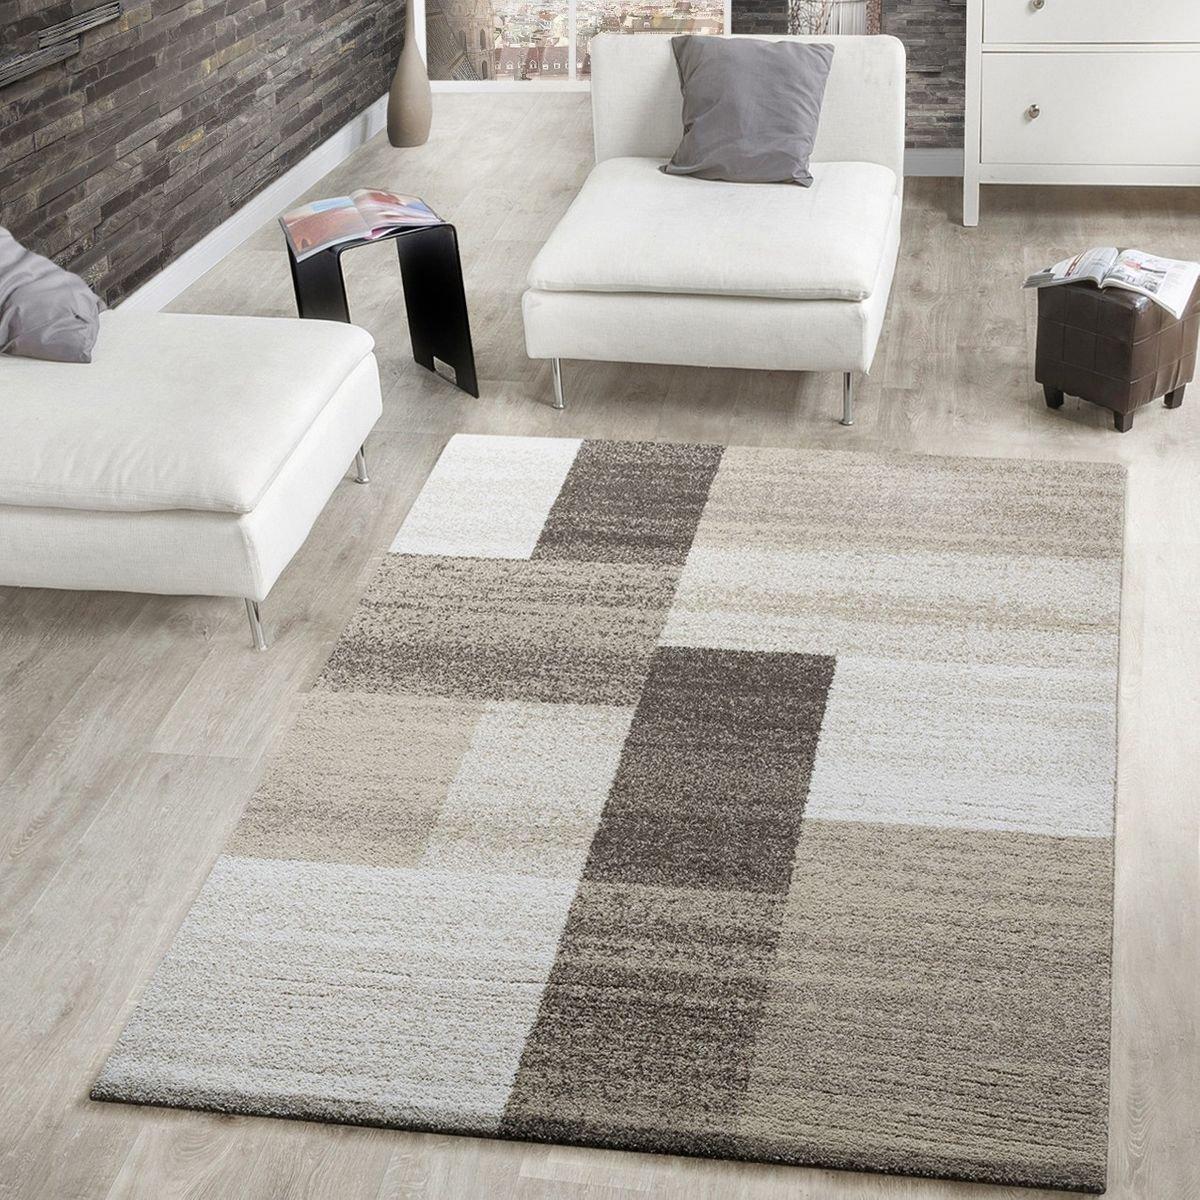 T&T Design Moderner Webteppich Kurzflor Wohnzimmer Rechtecke Meliert In Beige Creme Braun, Größe 240x330 cm